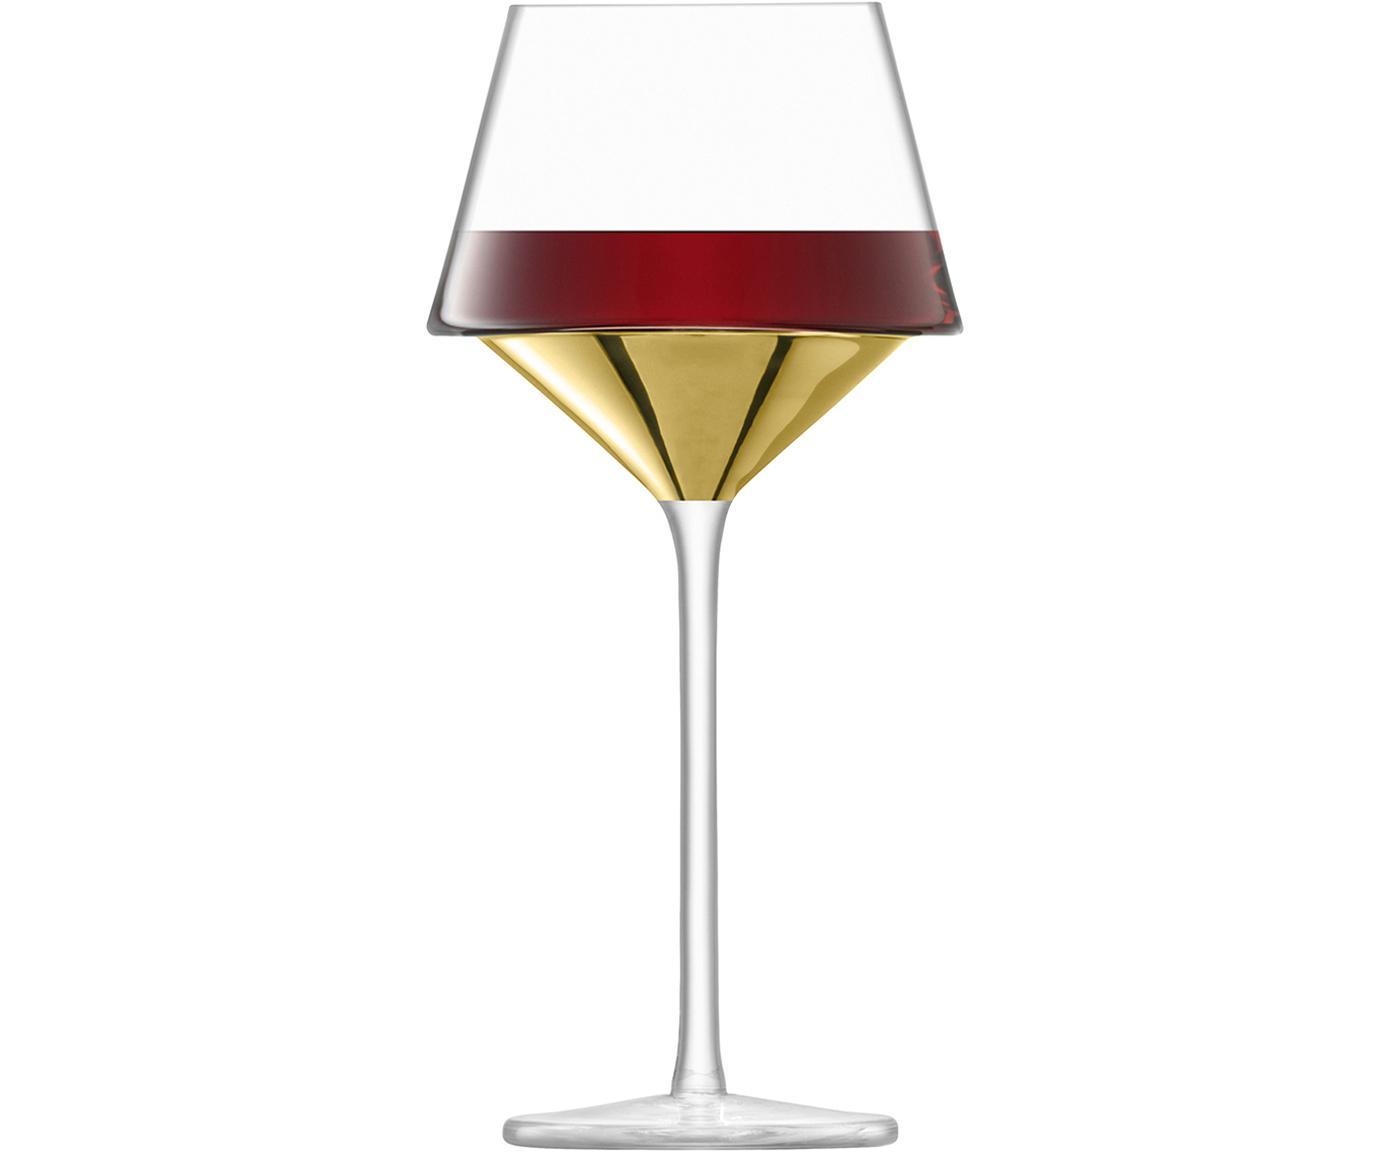 Copas de vino tinto de vidrio soplado Space, 2uds., Vidrio, Transparente, dorado, Ø 11 x Al 23 cm